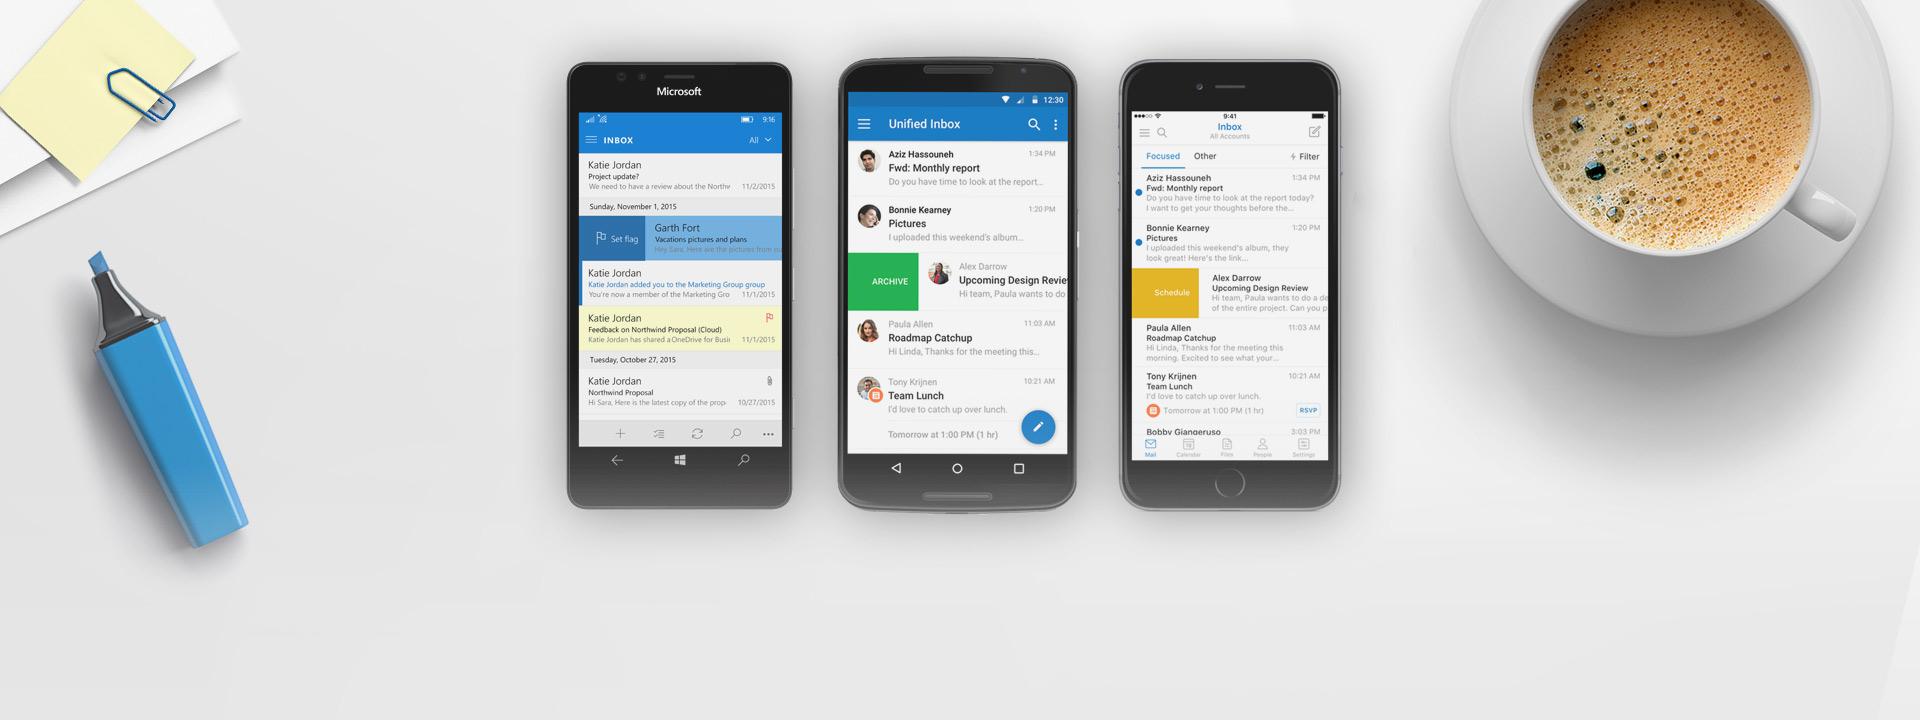 Програма Outlook на улюблених пристроях– телефонах з ОС Windows Phone, iPhone і Android